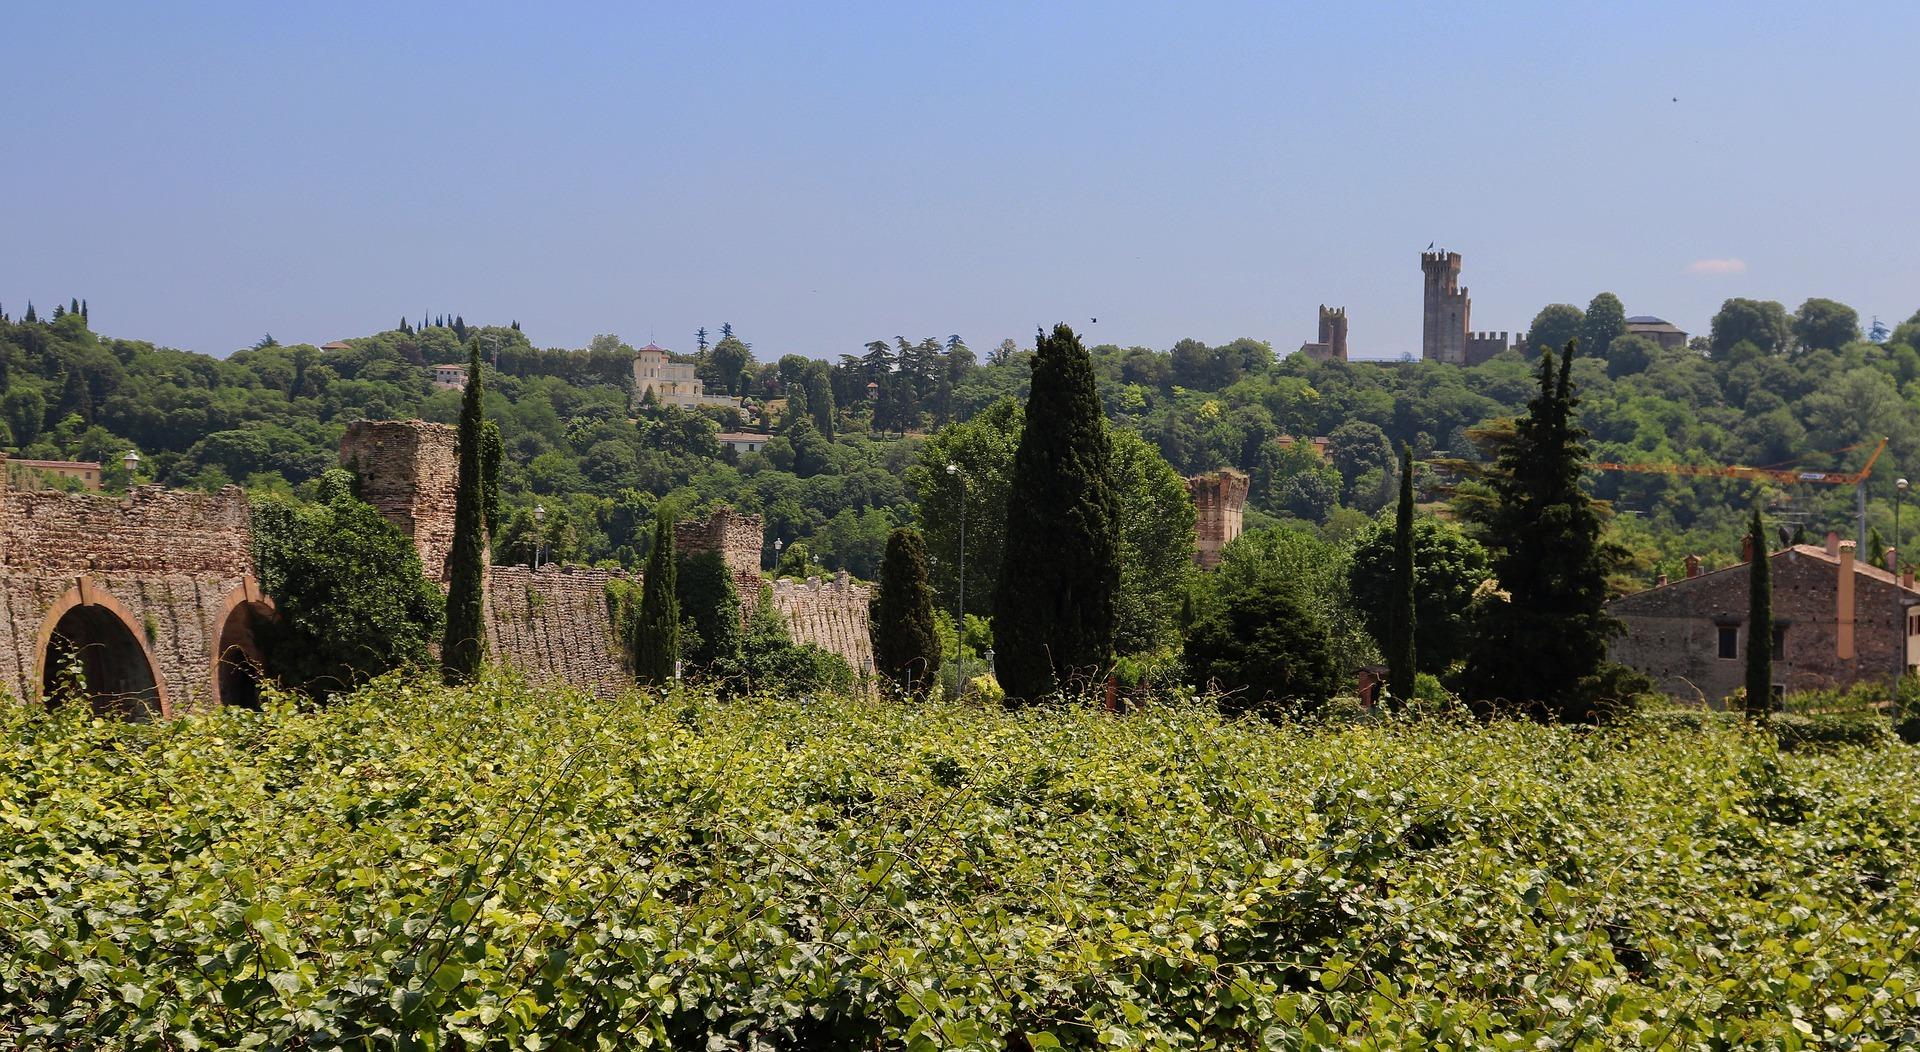 valeggio-sul-mincio-47719301920-1616406893.jpg